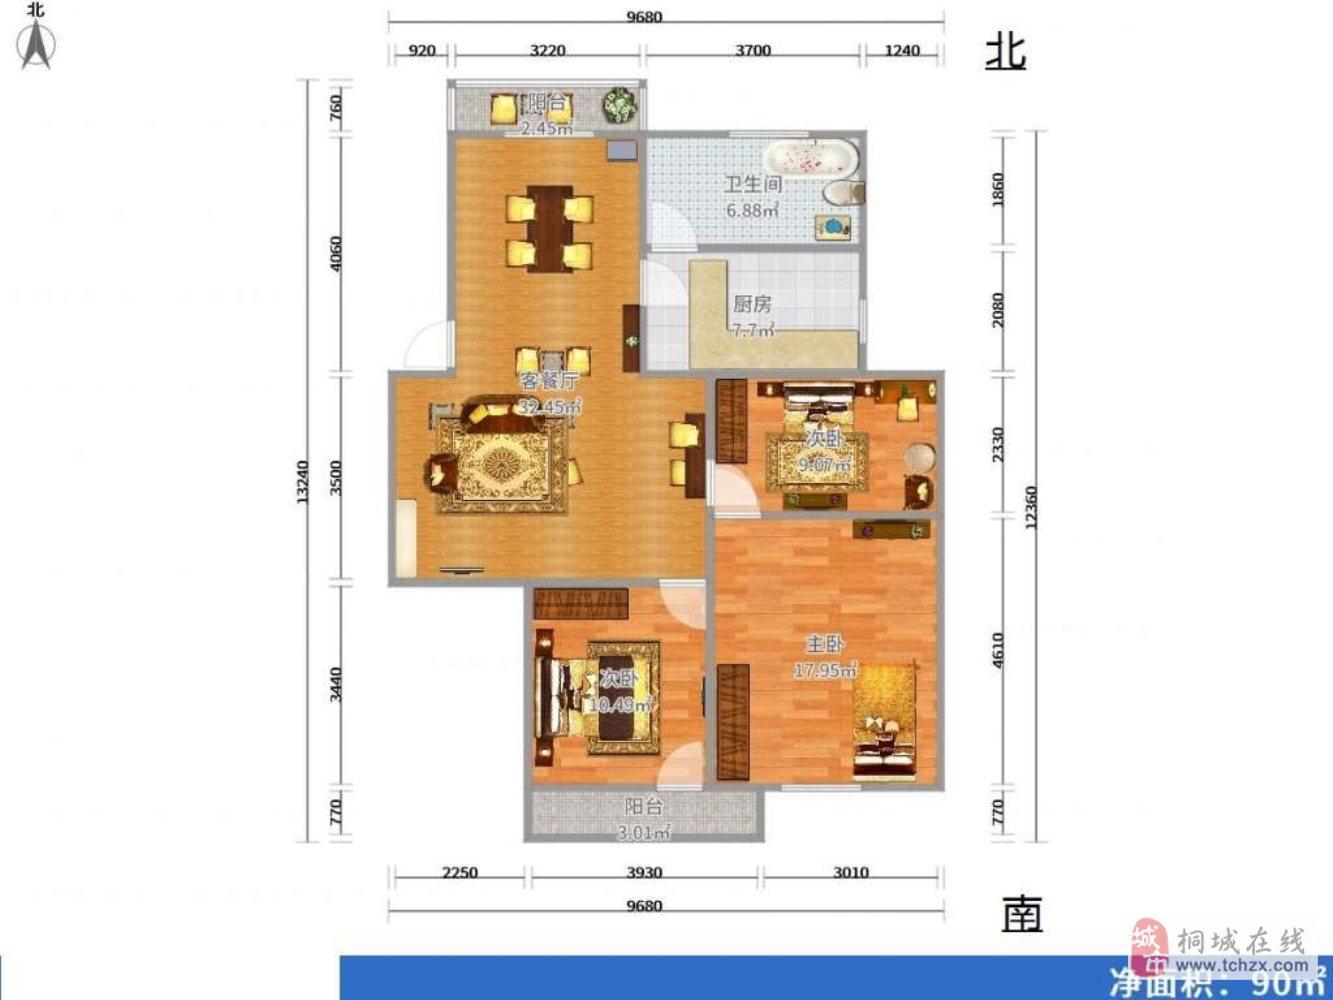 供销社宿舍楼毛坯三室楼层适中位置优越采光好